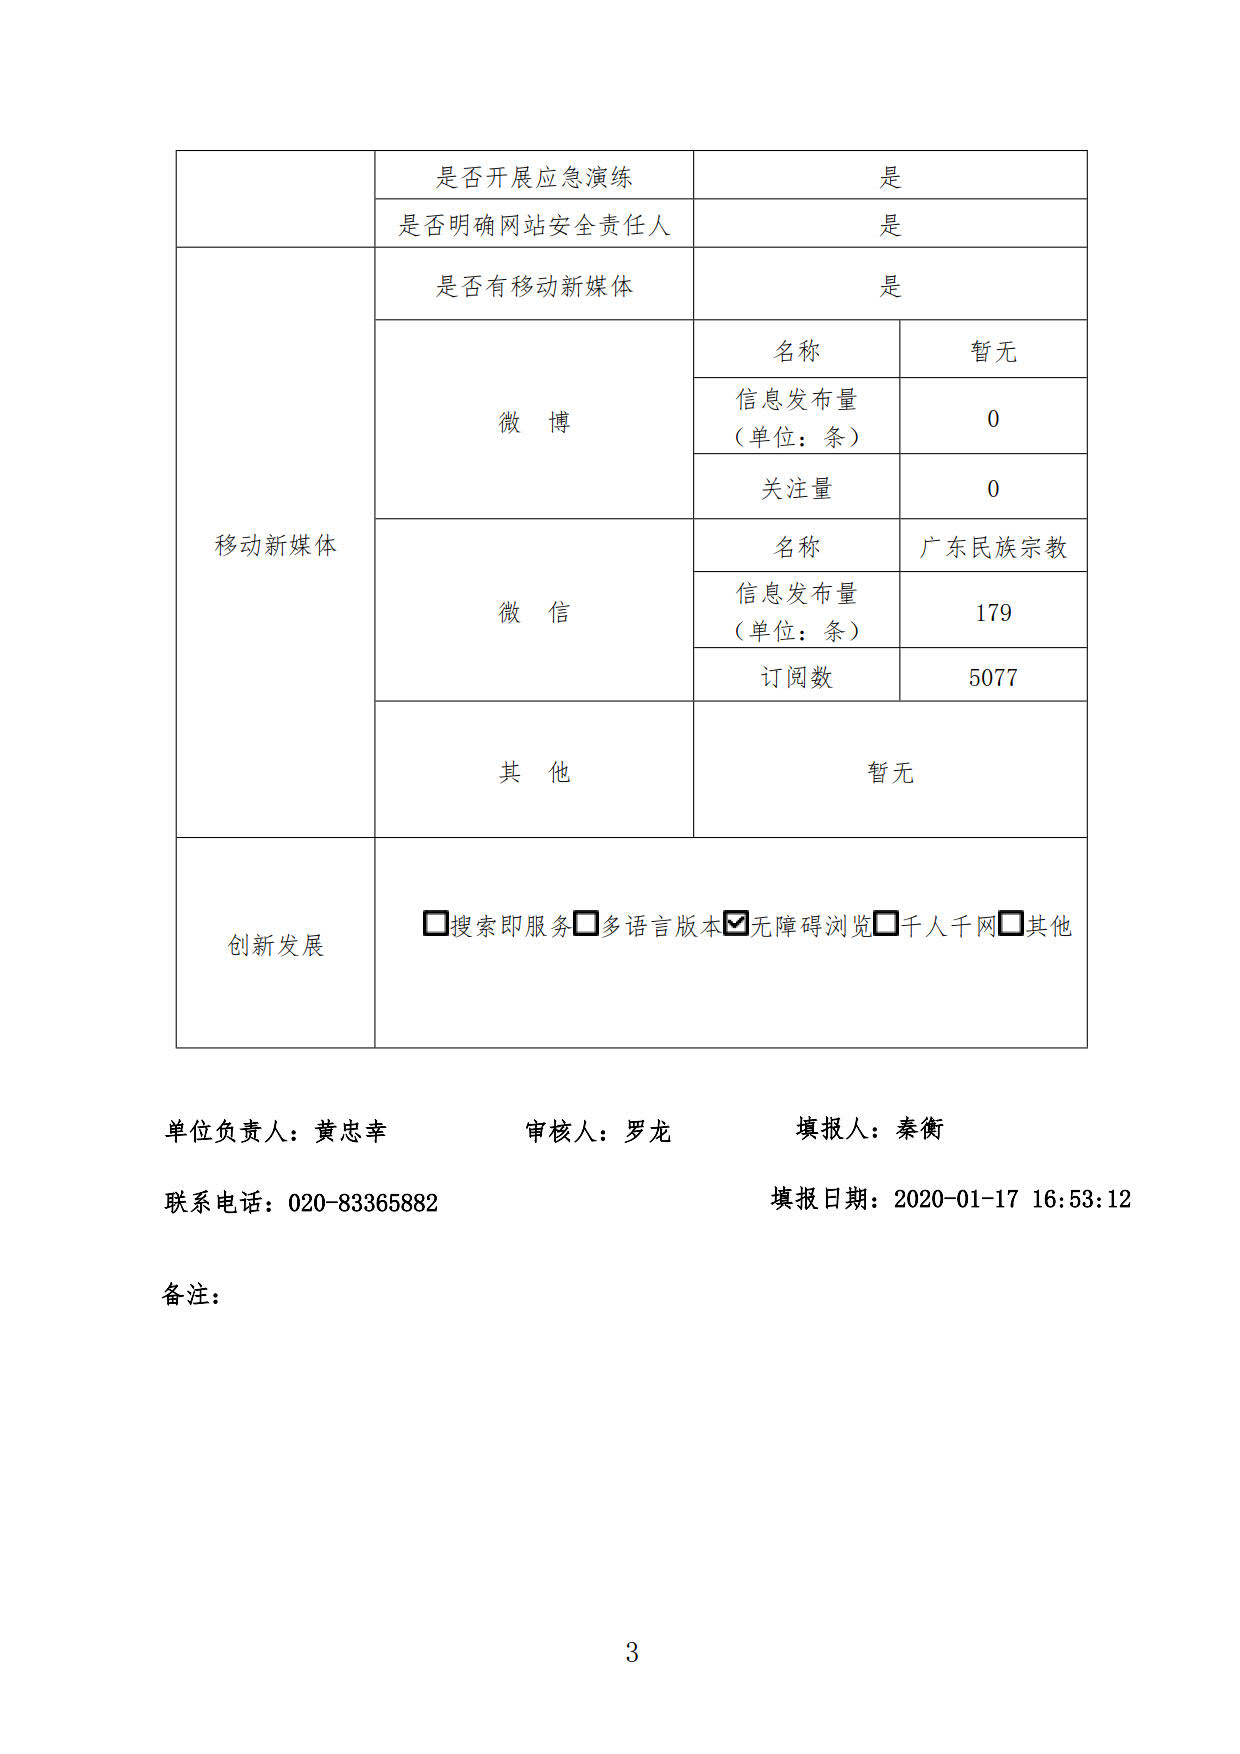 2019年政府网站工作年度报表_3.jpg